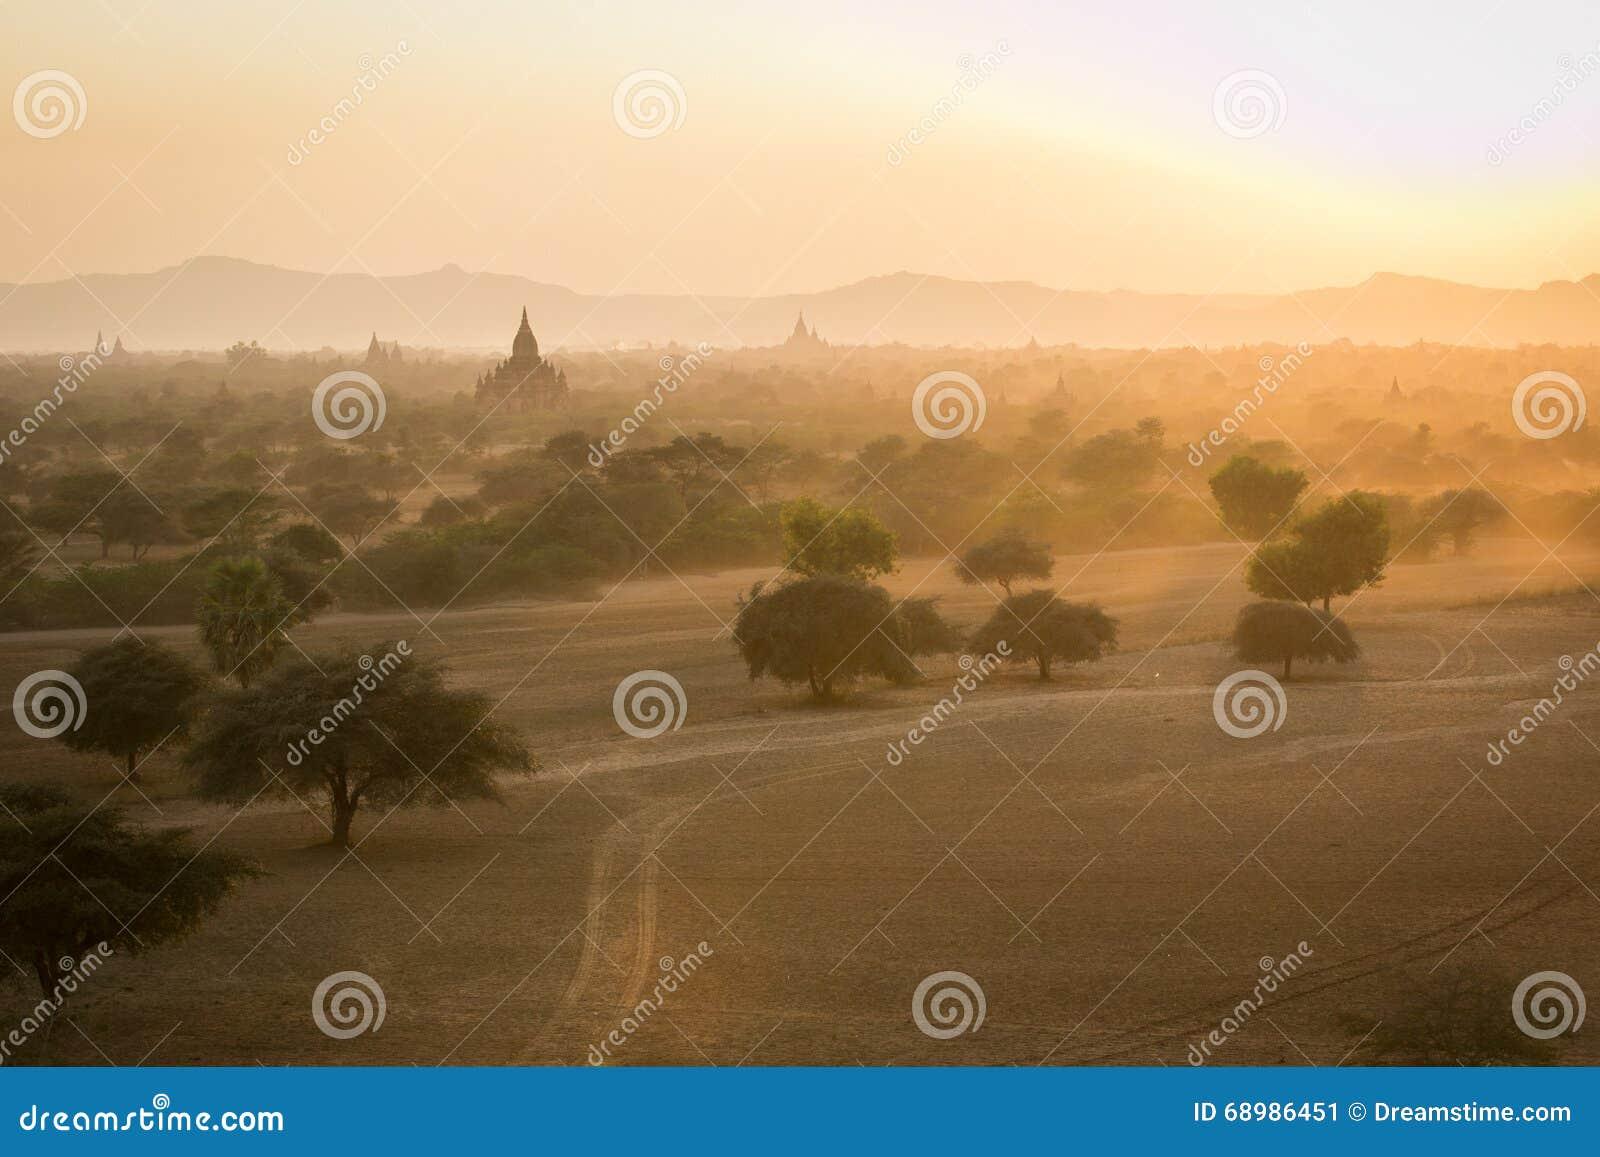 Bagan, una ciudad de mil templos